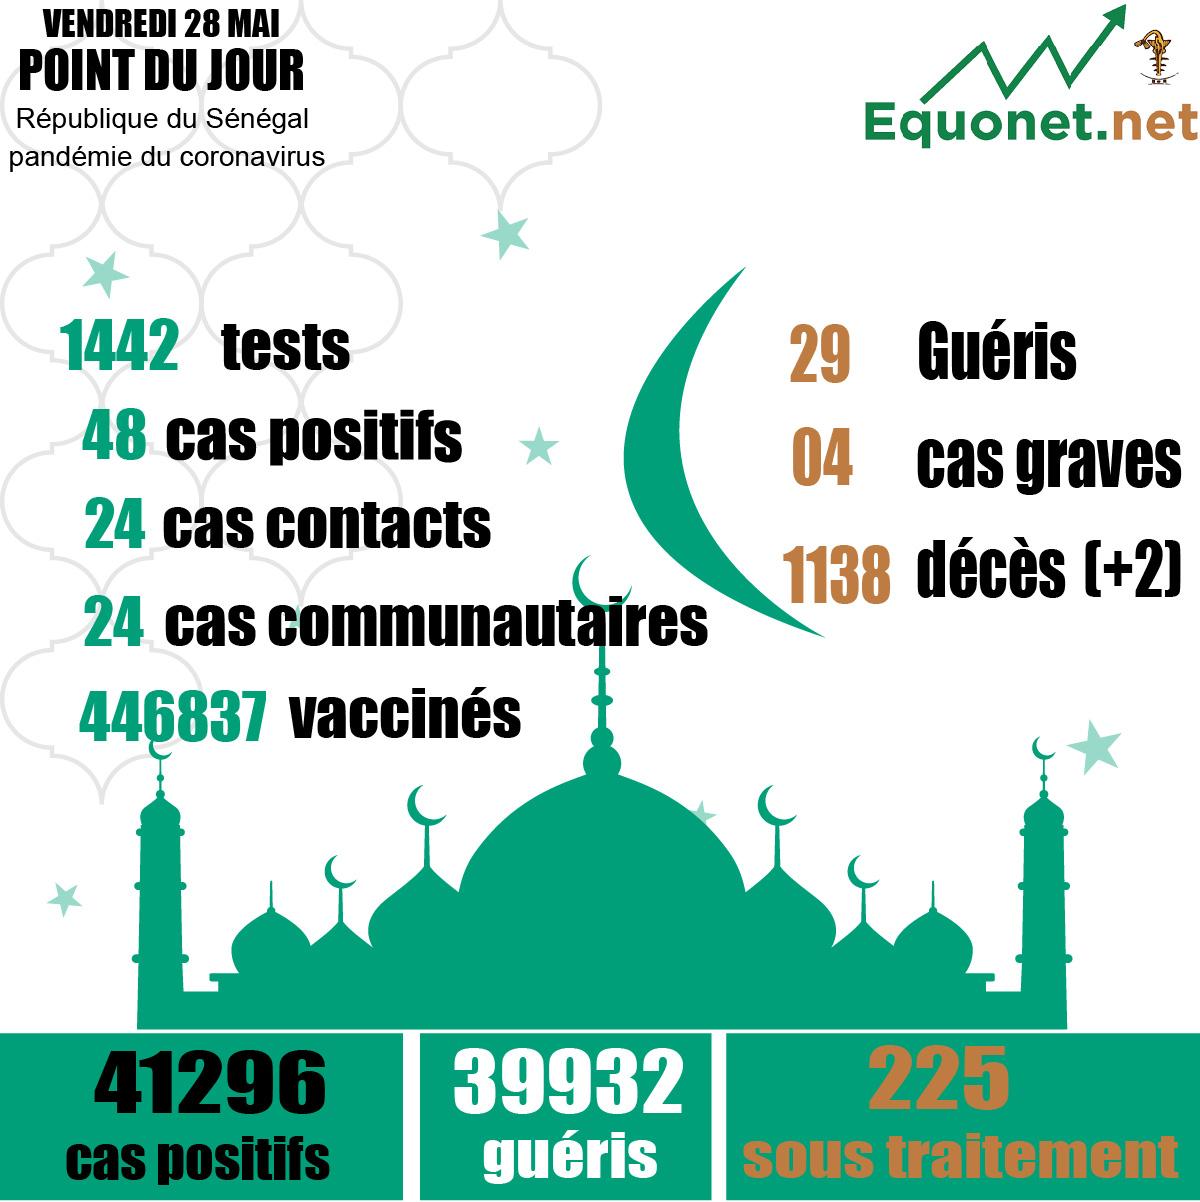 pandémie du coronavirus-covid-19 au sénégal : 24 cas communautaires et 02 décès enregistrés ce vendredi 28 mai 2021